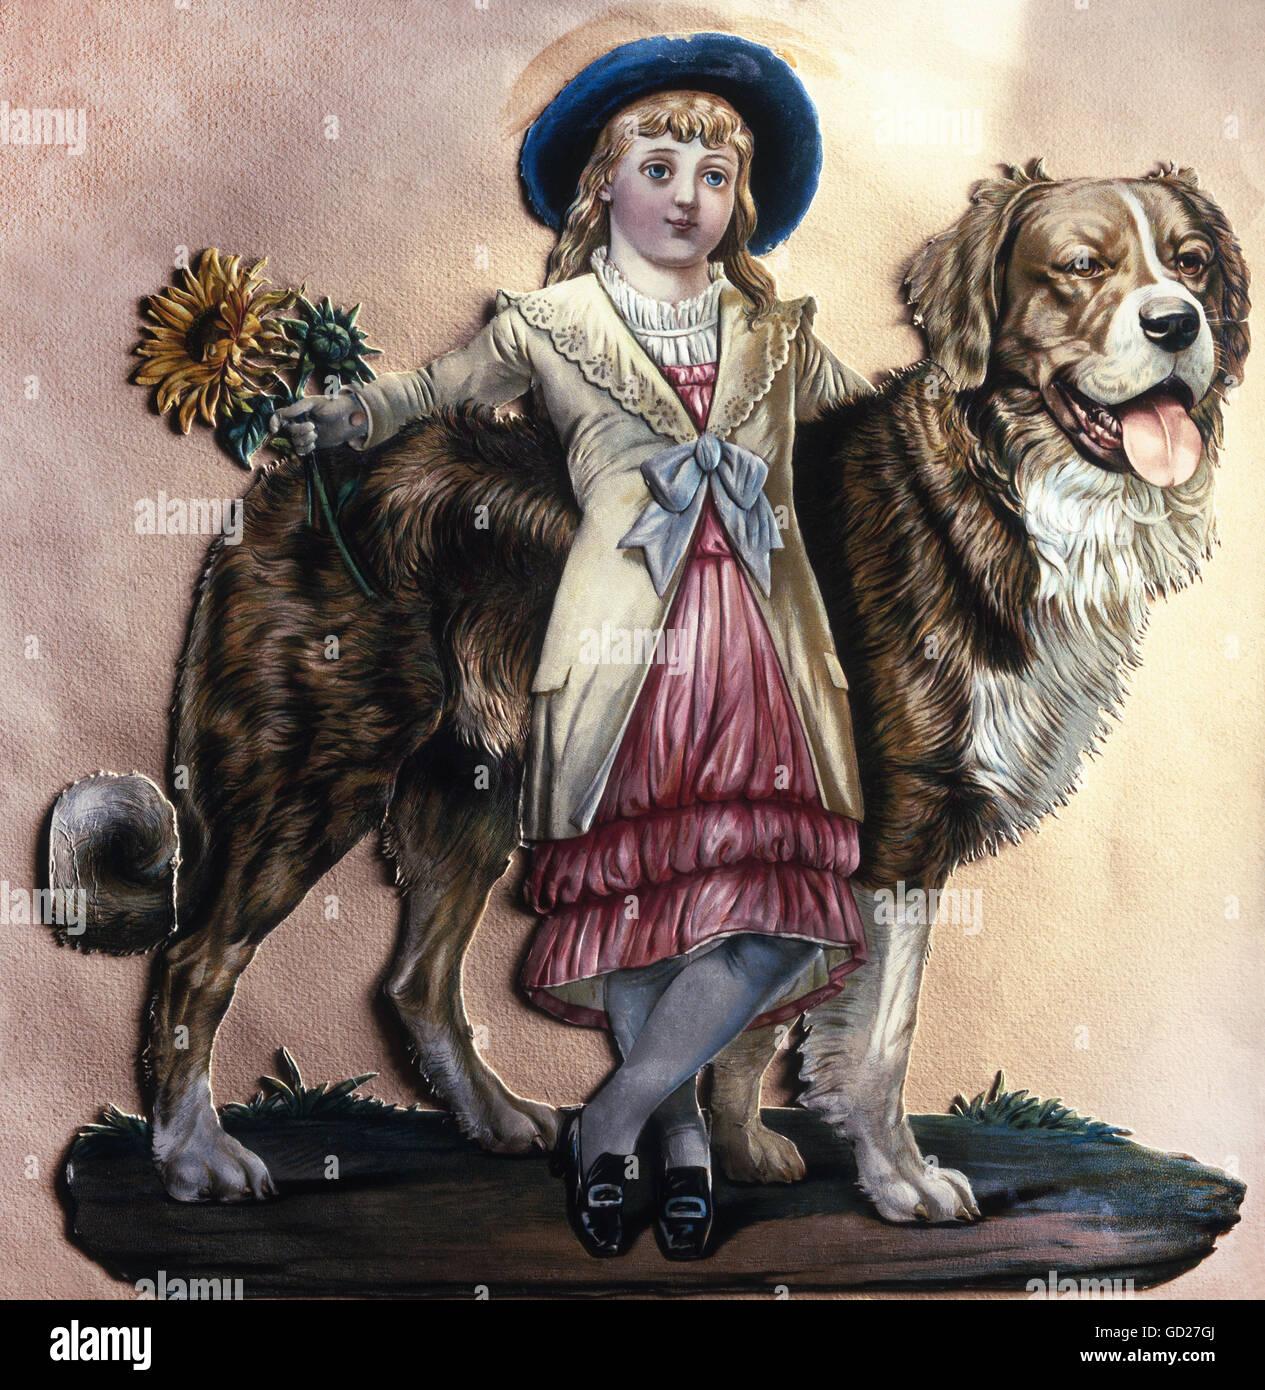 Bildende Kunst, Drucke, Mädchen mit Saint Bernard dog, chromolithograph auf Dekorpapier, geprägte, löchrig, Stockbild